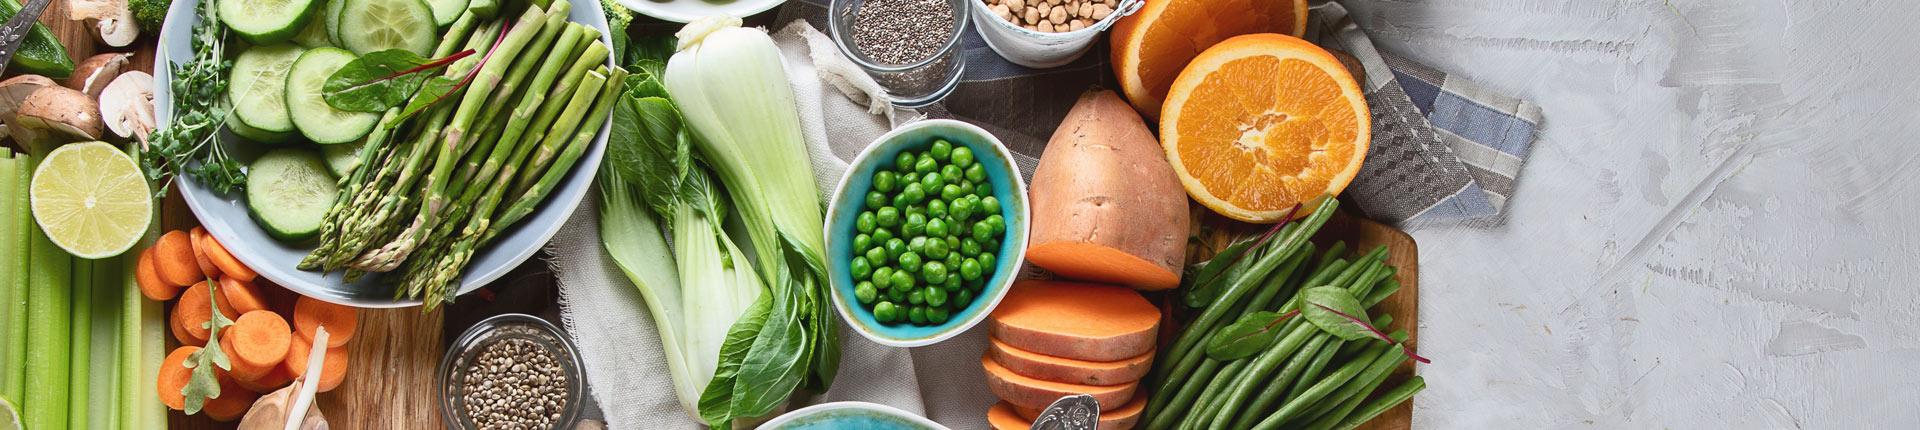 Czym naprawdę jest dieta czystego jedzenia i produkty BIO?